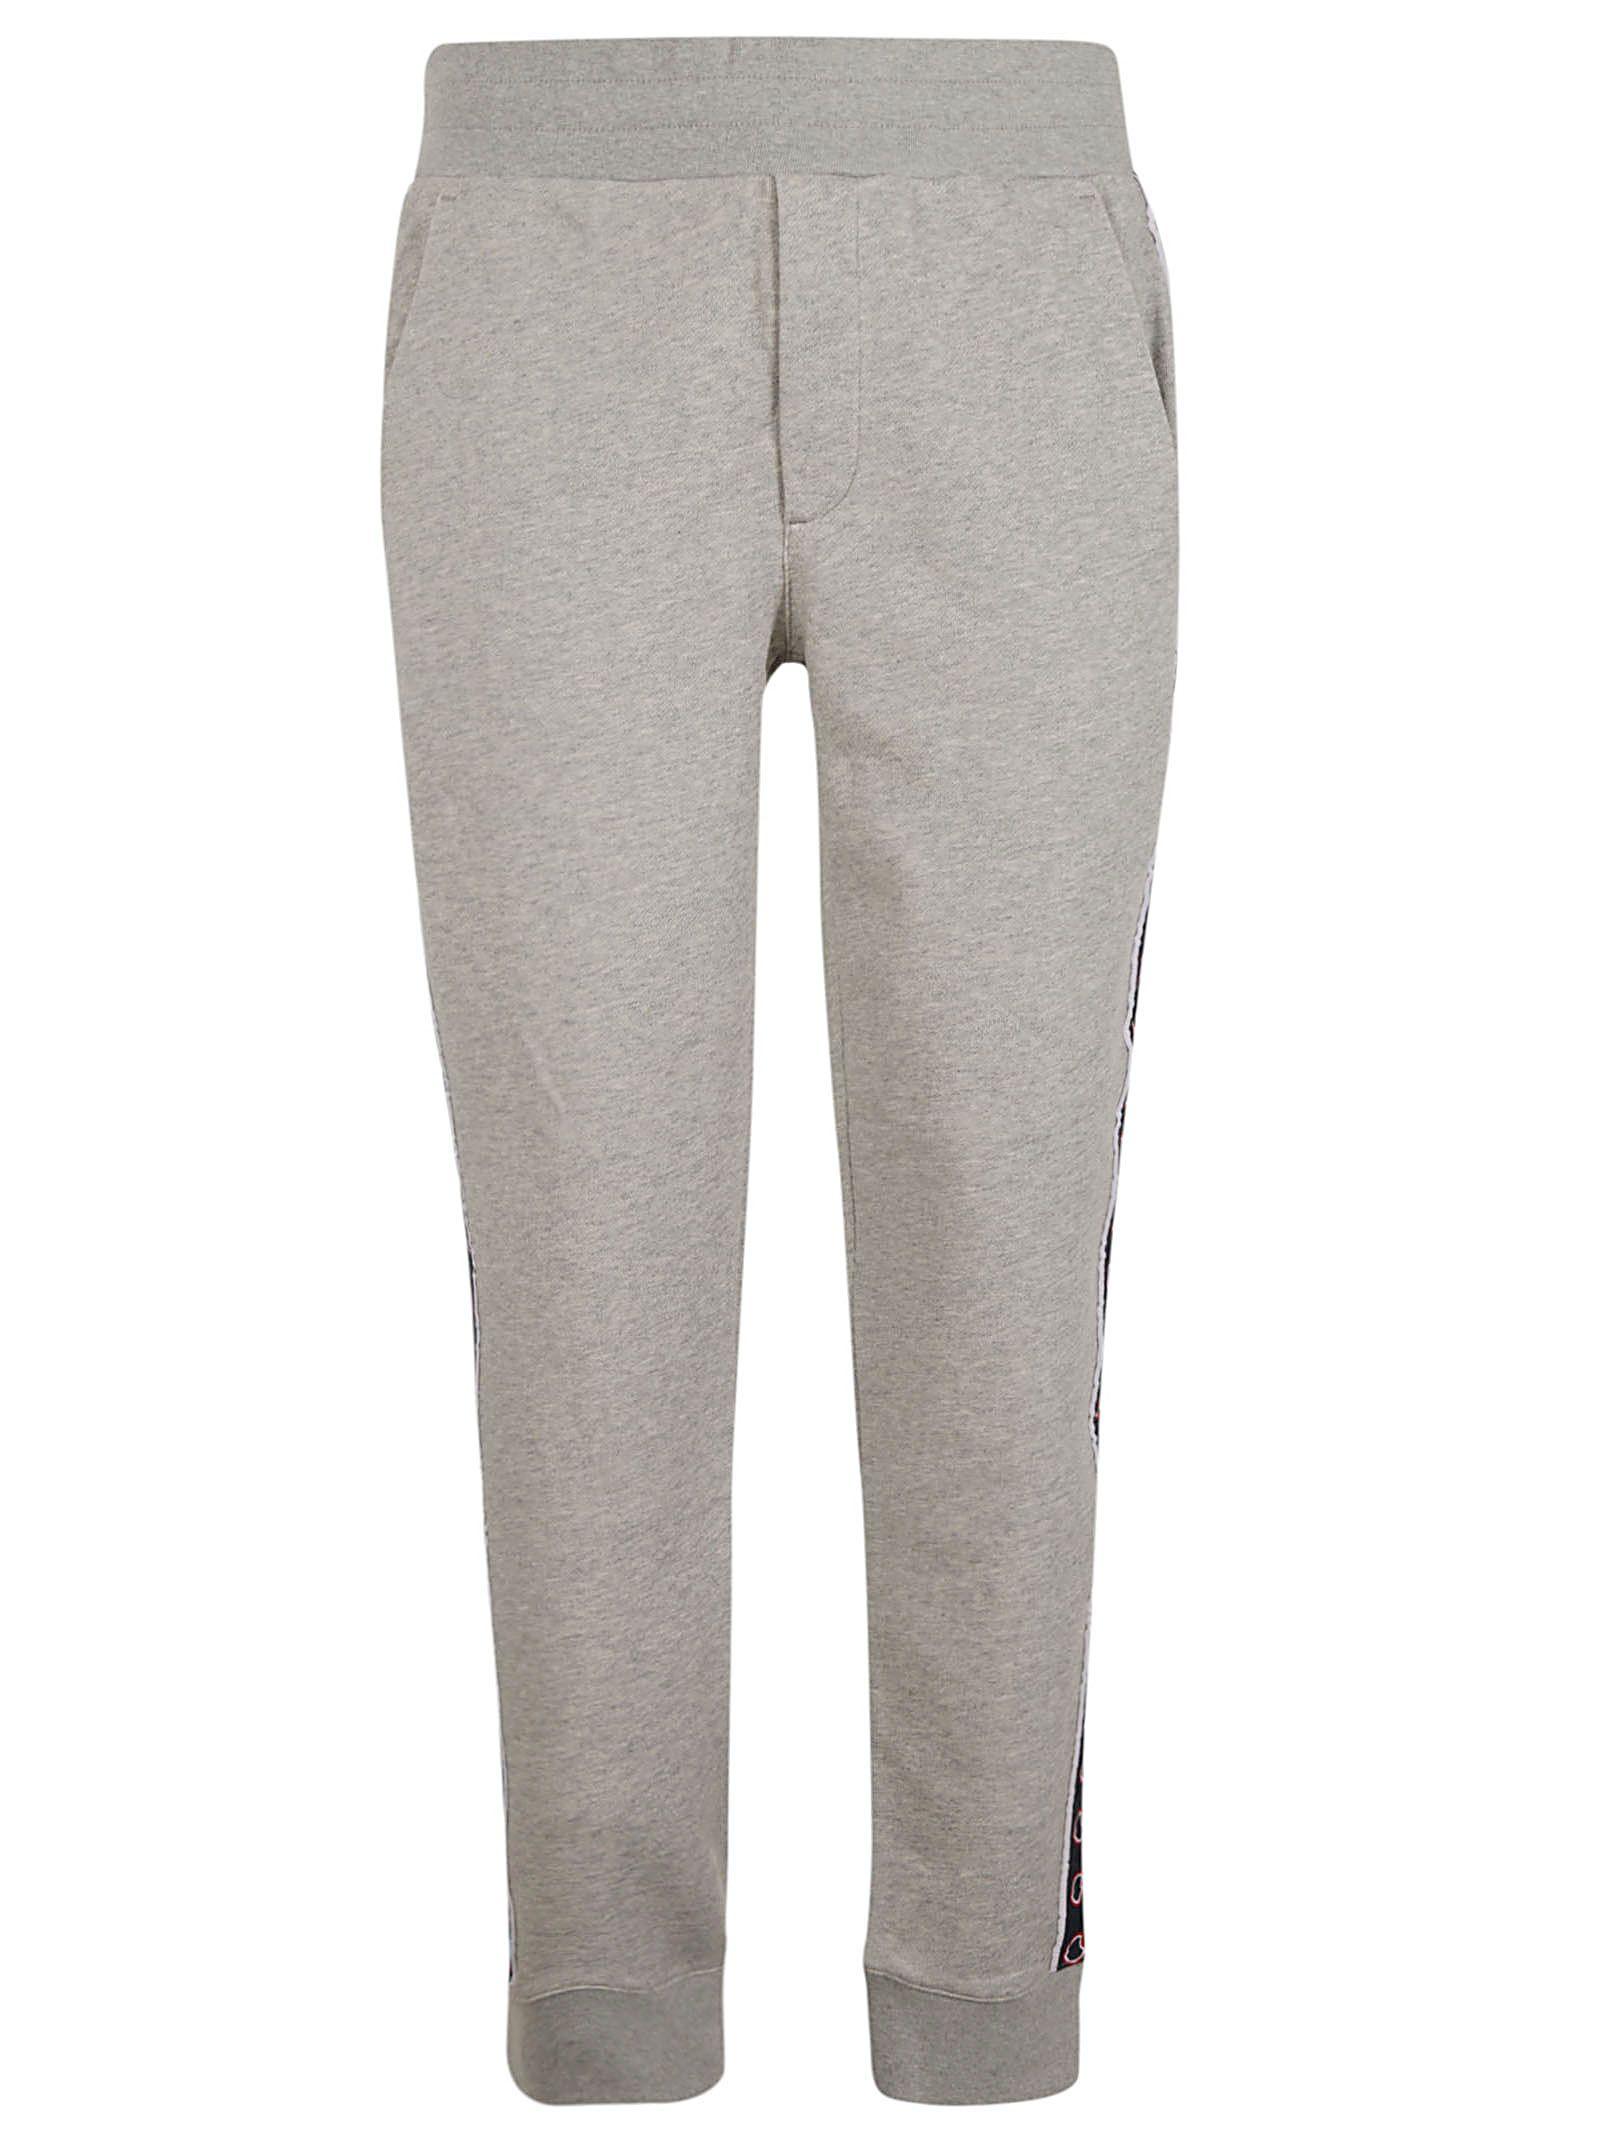 10d5ce8ac9ec75 Moncler Moncler Side Logo Track Pants - Grey - 10847567   italist